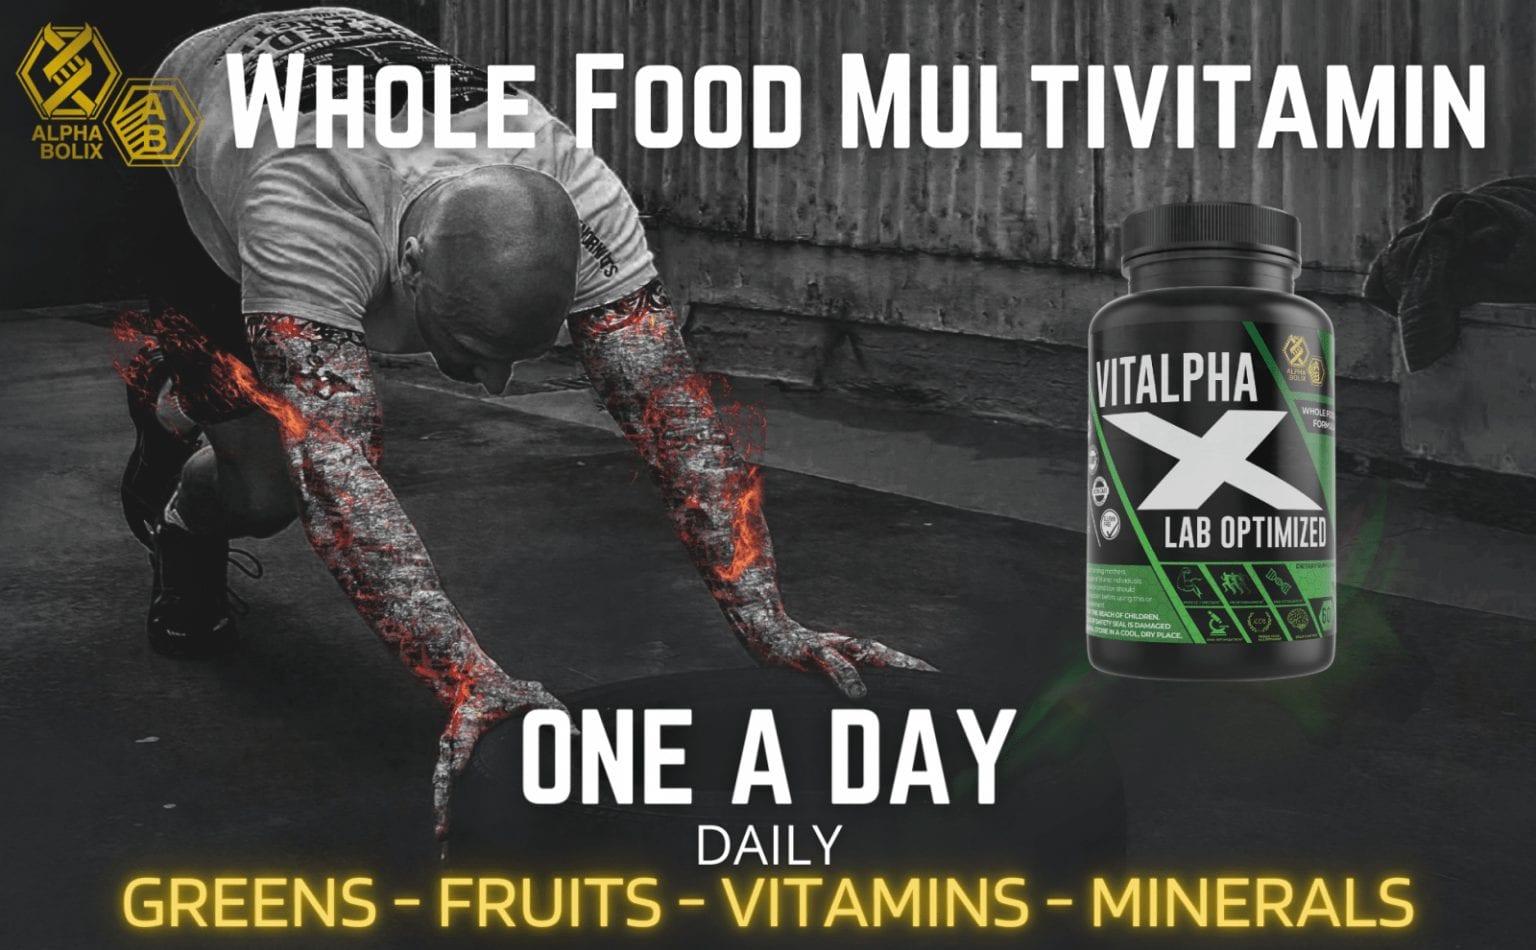 wholefood multivitamin